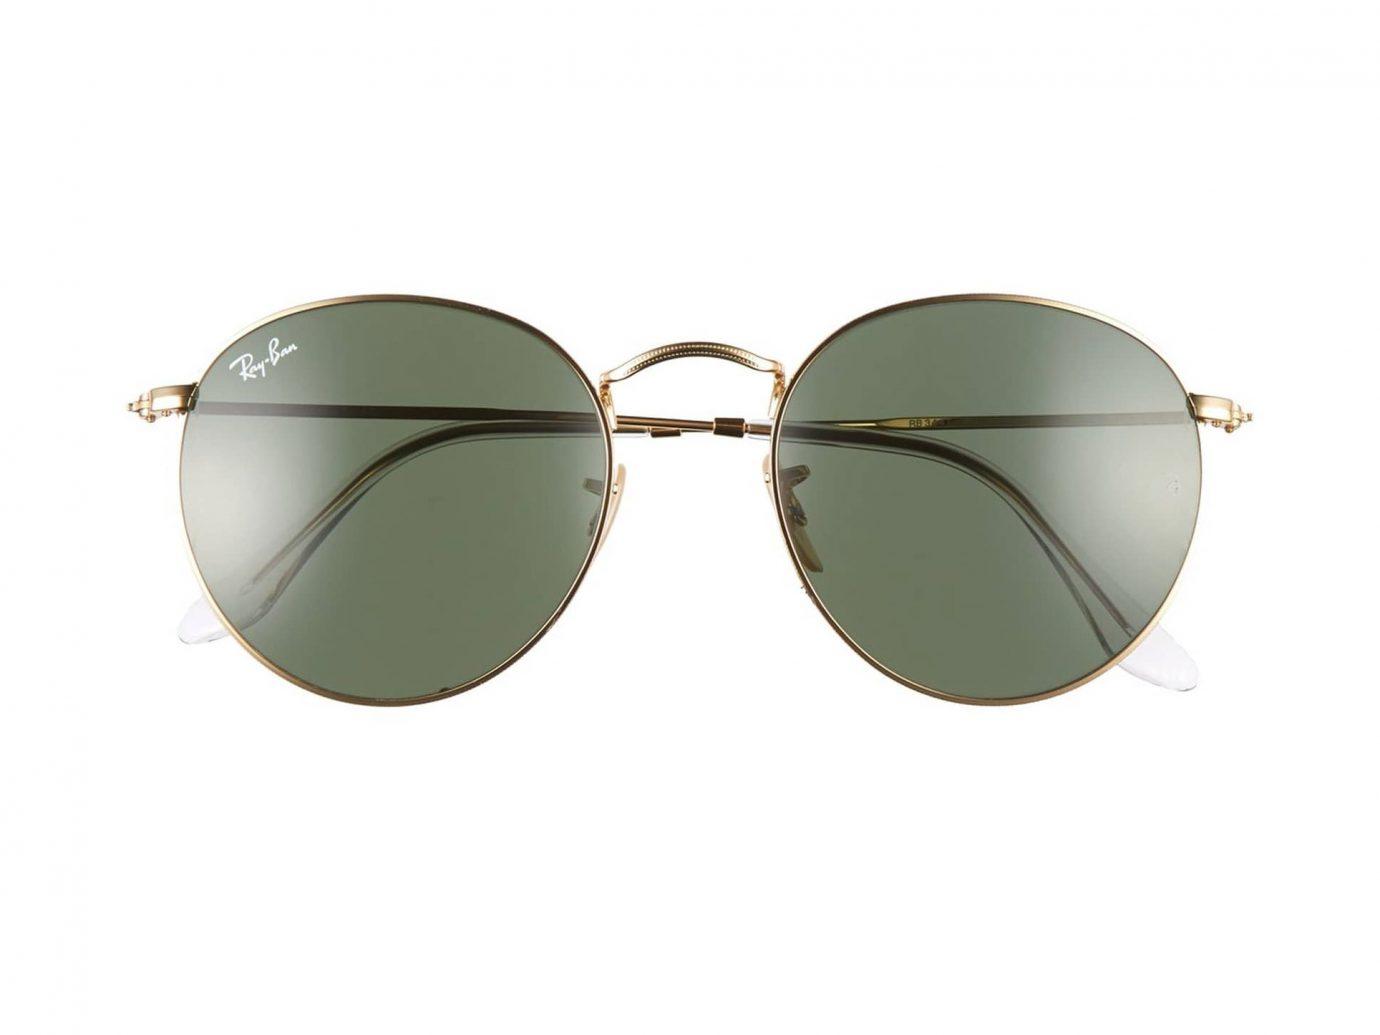 Ray Ban round Sunglasses